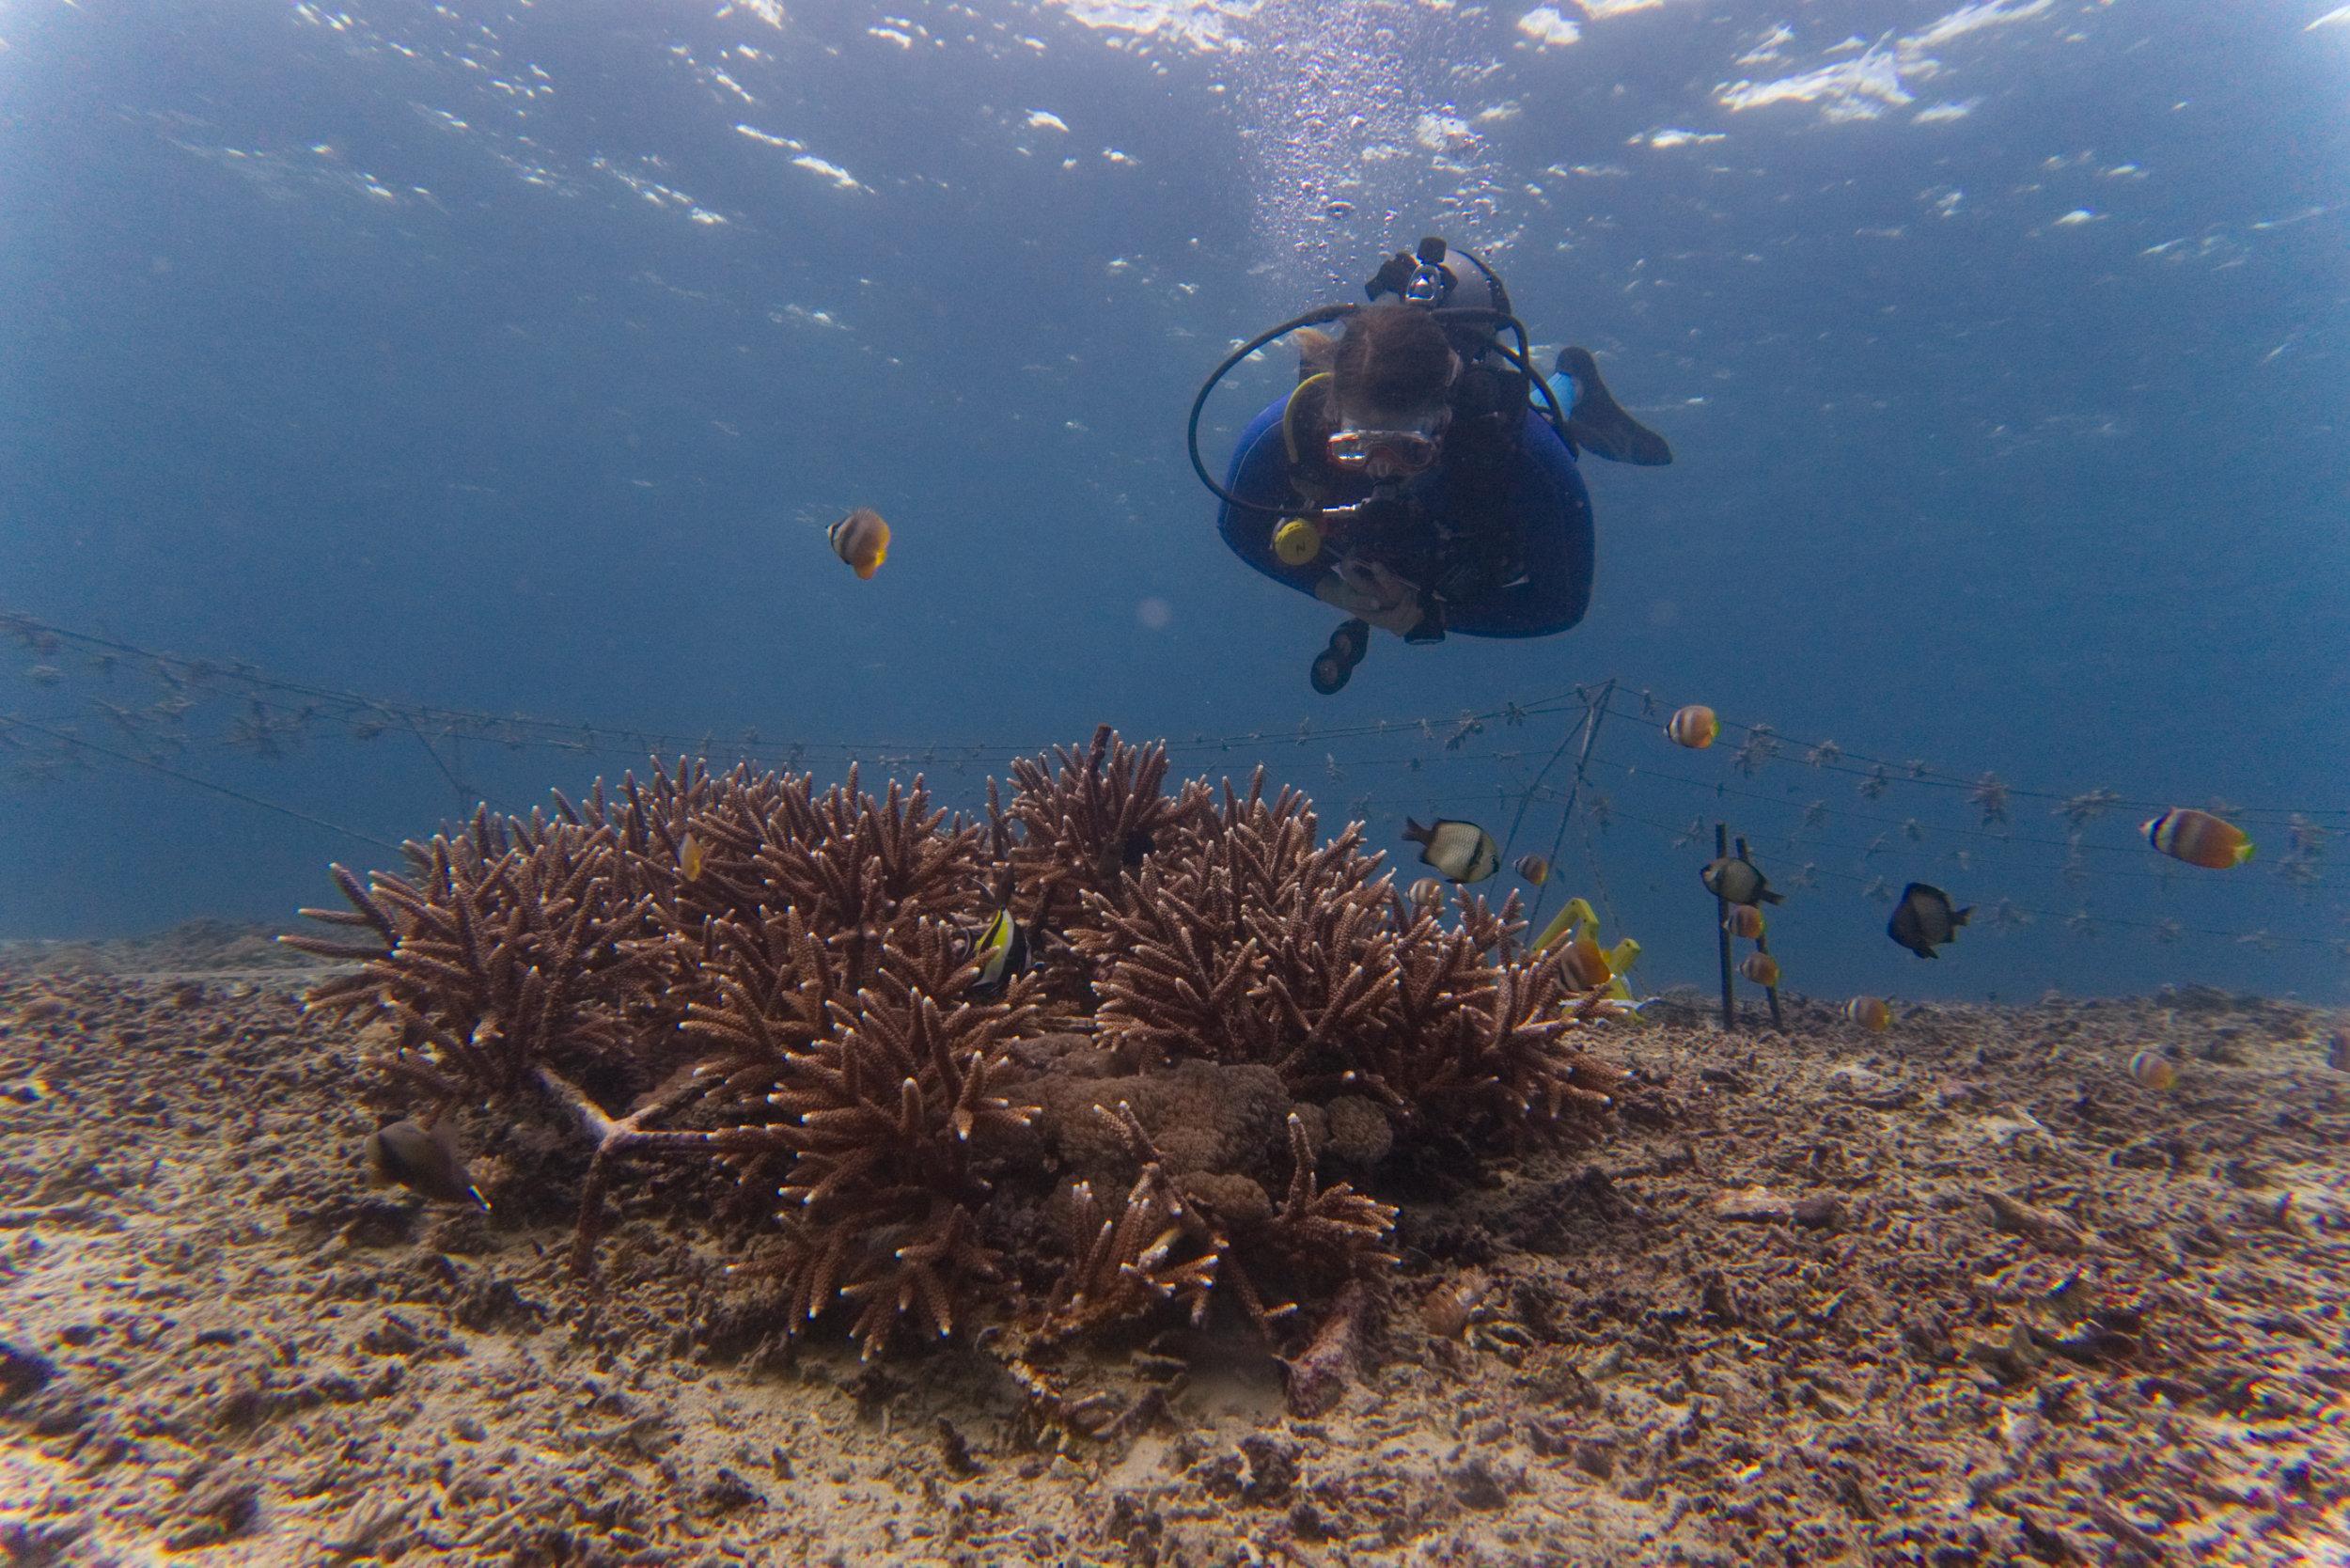 Acropora coral restoration